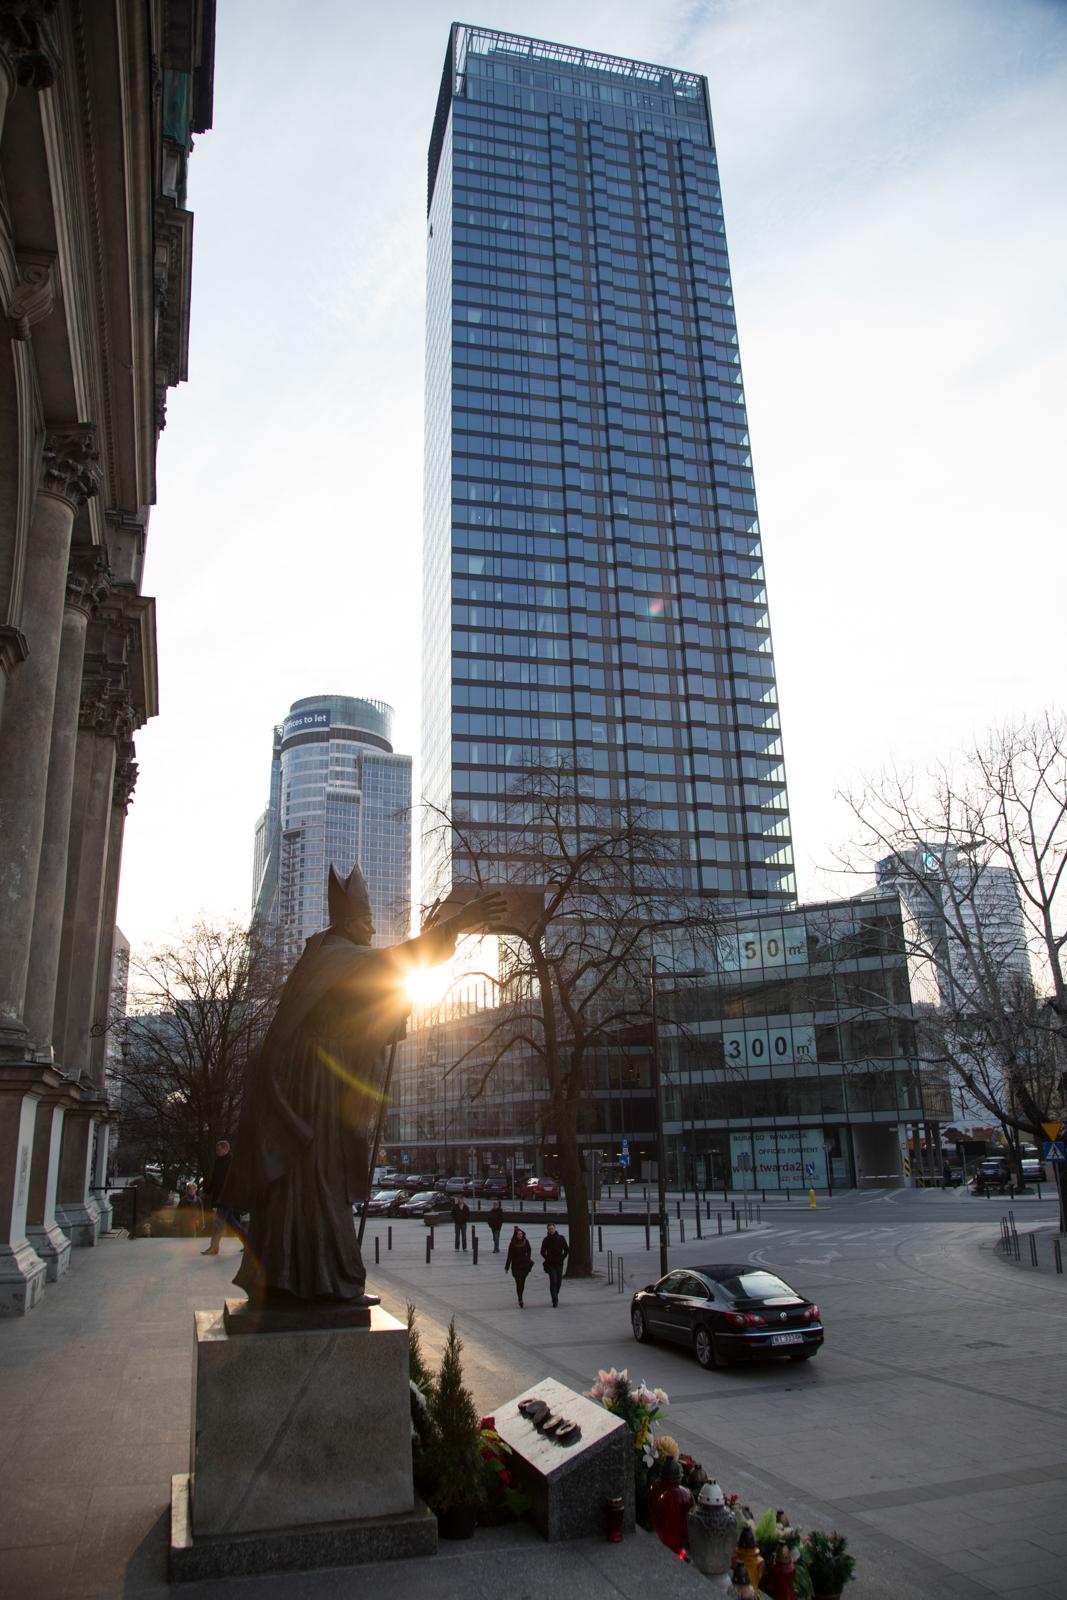 Cosmopolitan - apartamentowiec ma 160 m wysokości (fot. Luka Łukasiak)